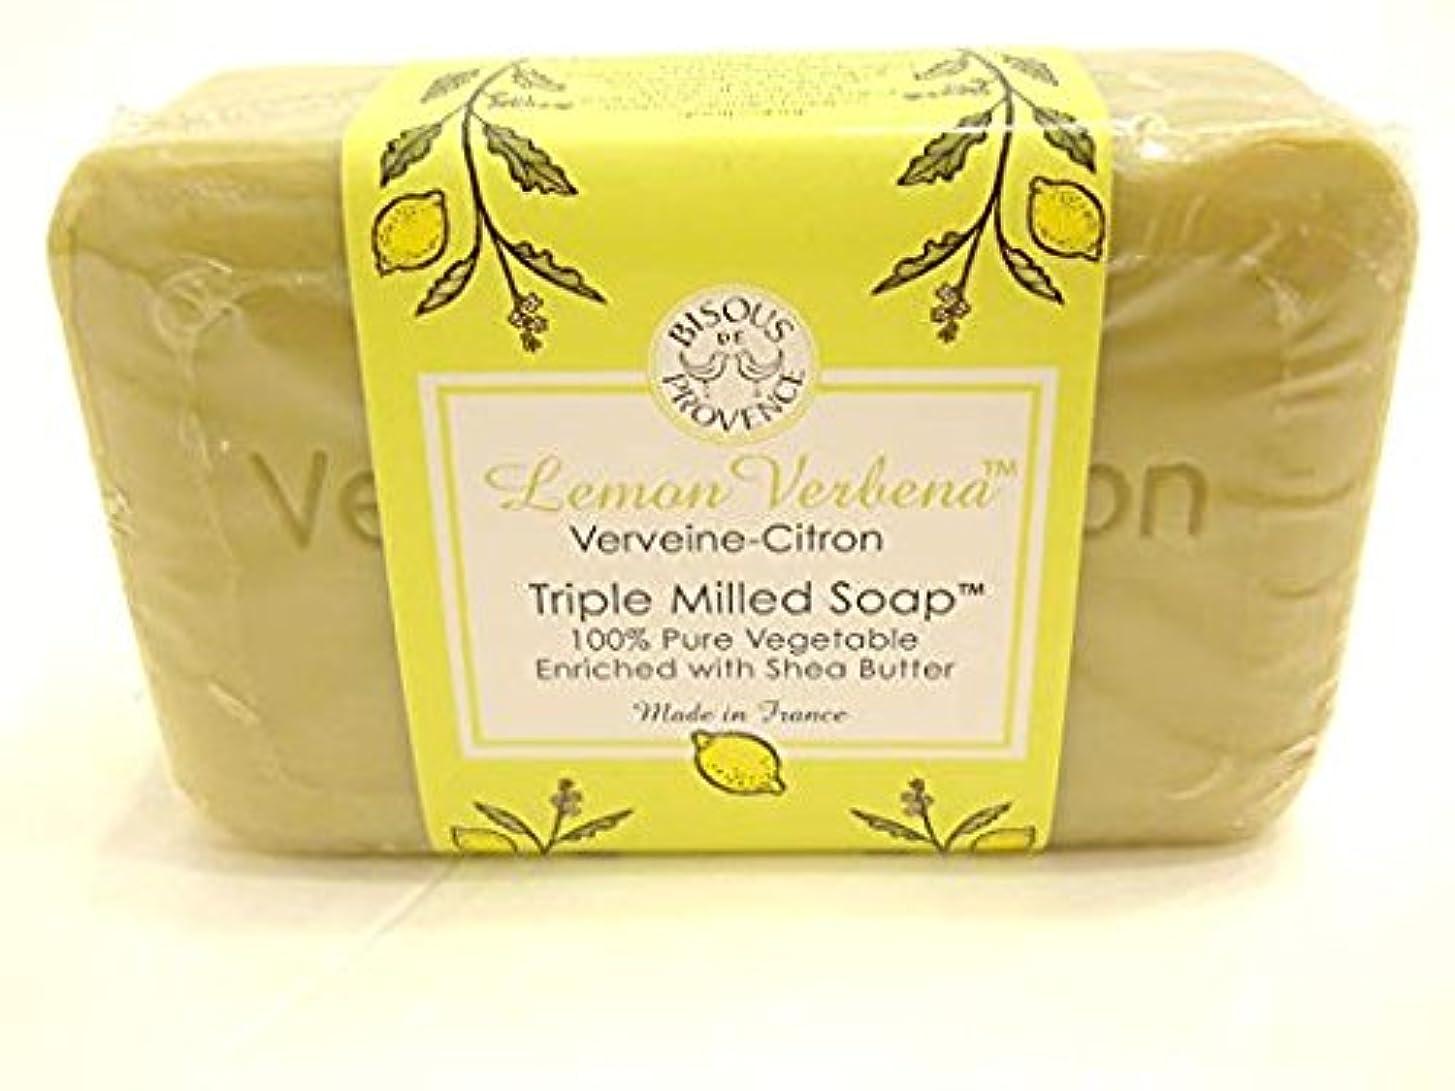 スカウトロマンス有毒な[トレーダージョーズ] トリプルミルドソープ レモンバーベナ 海外直送品/Trader Joe's Triple Milled Soap Lemon Verbena [並行輸入品]